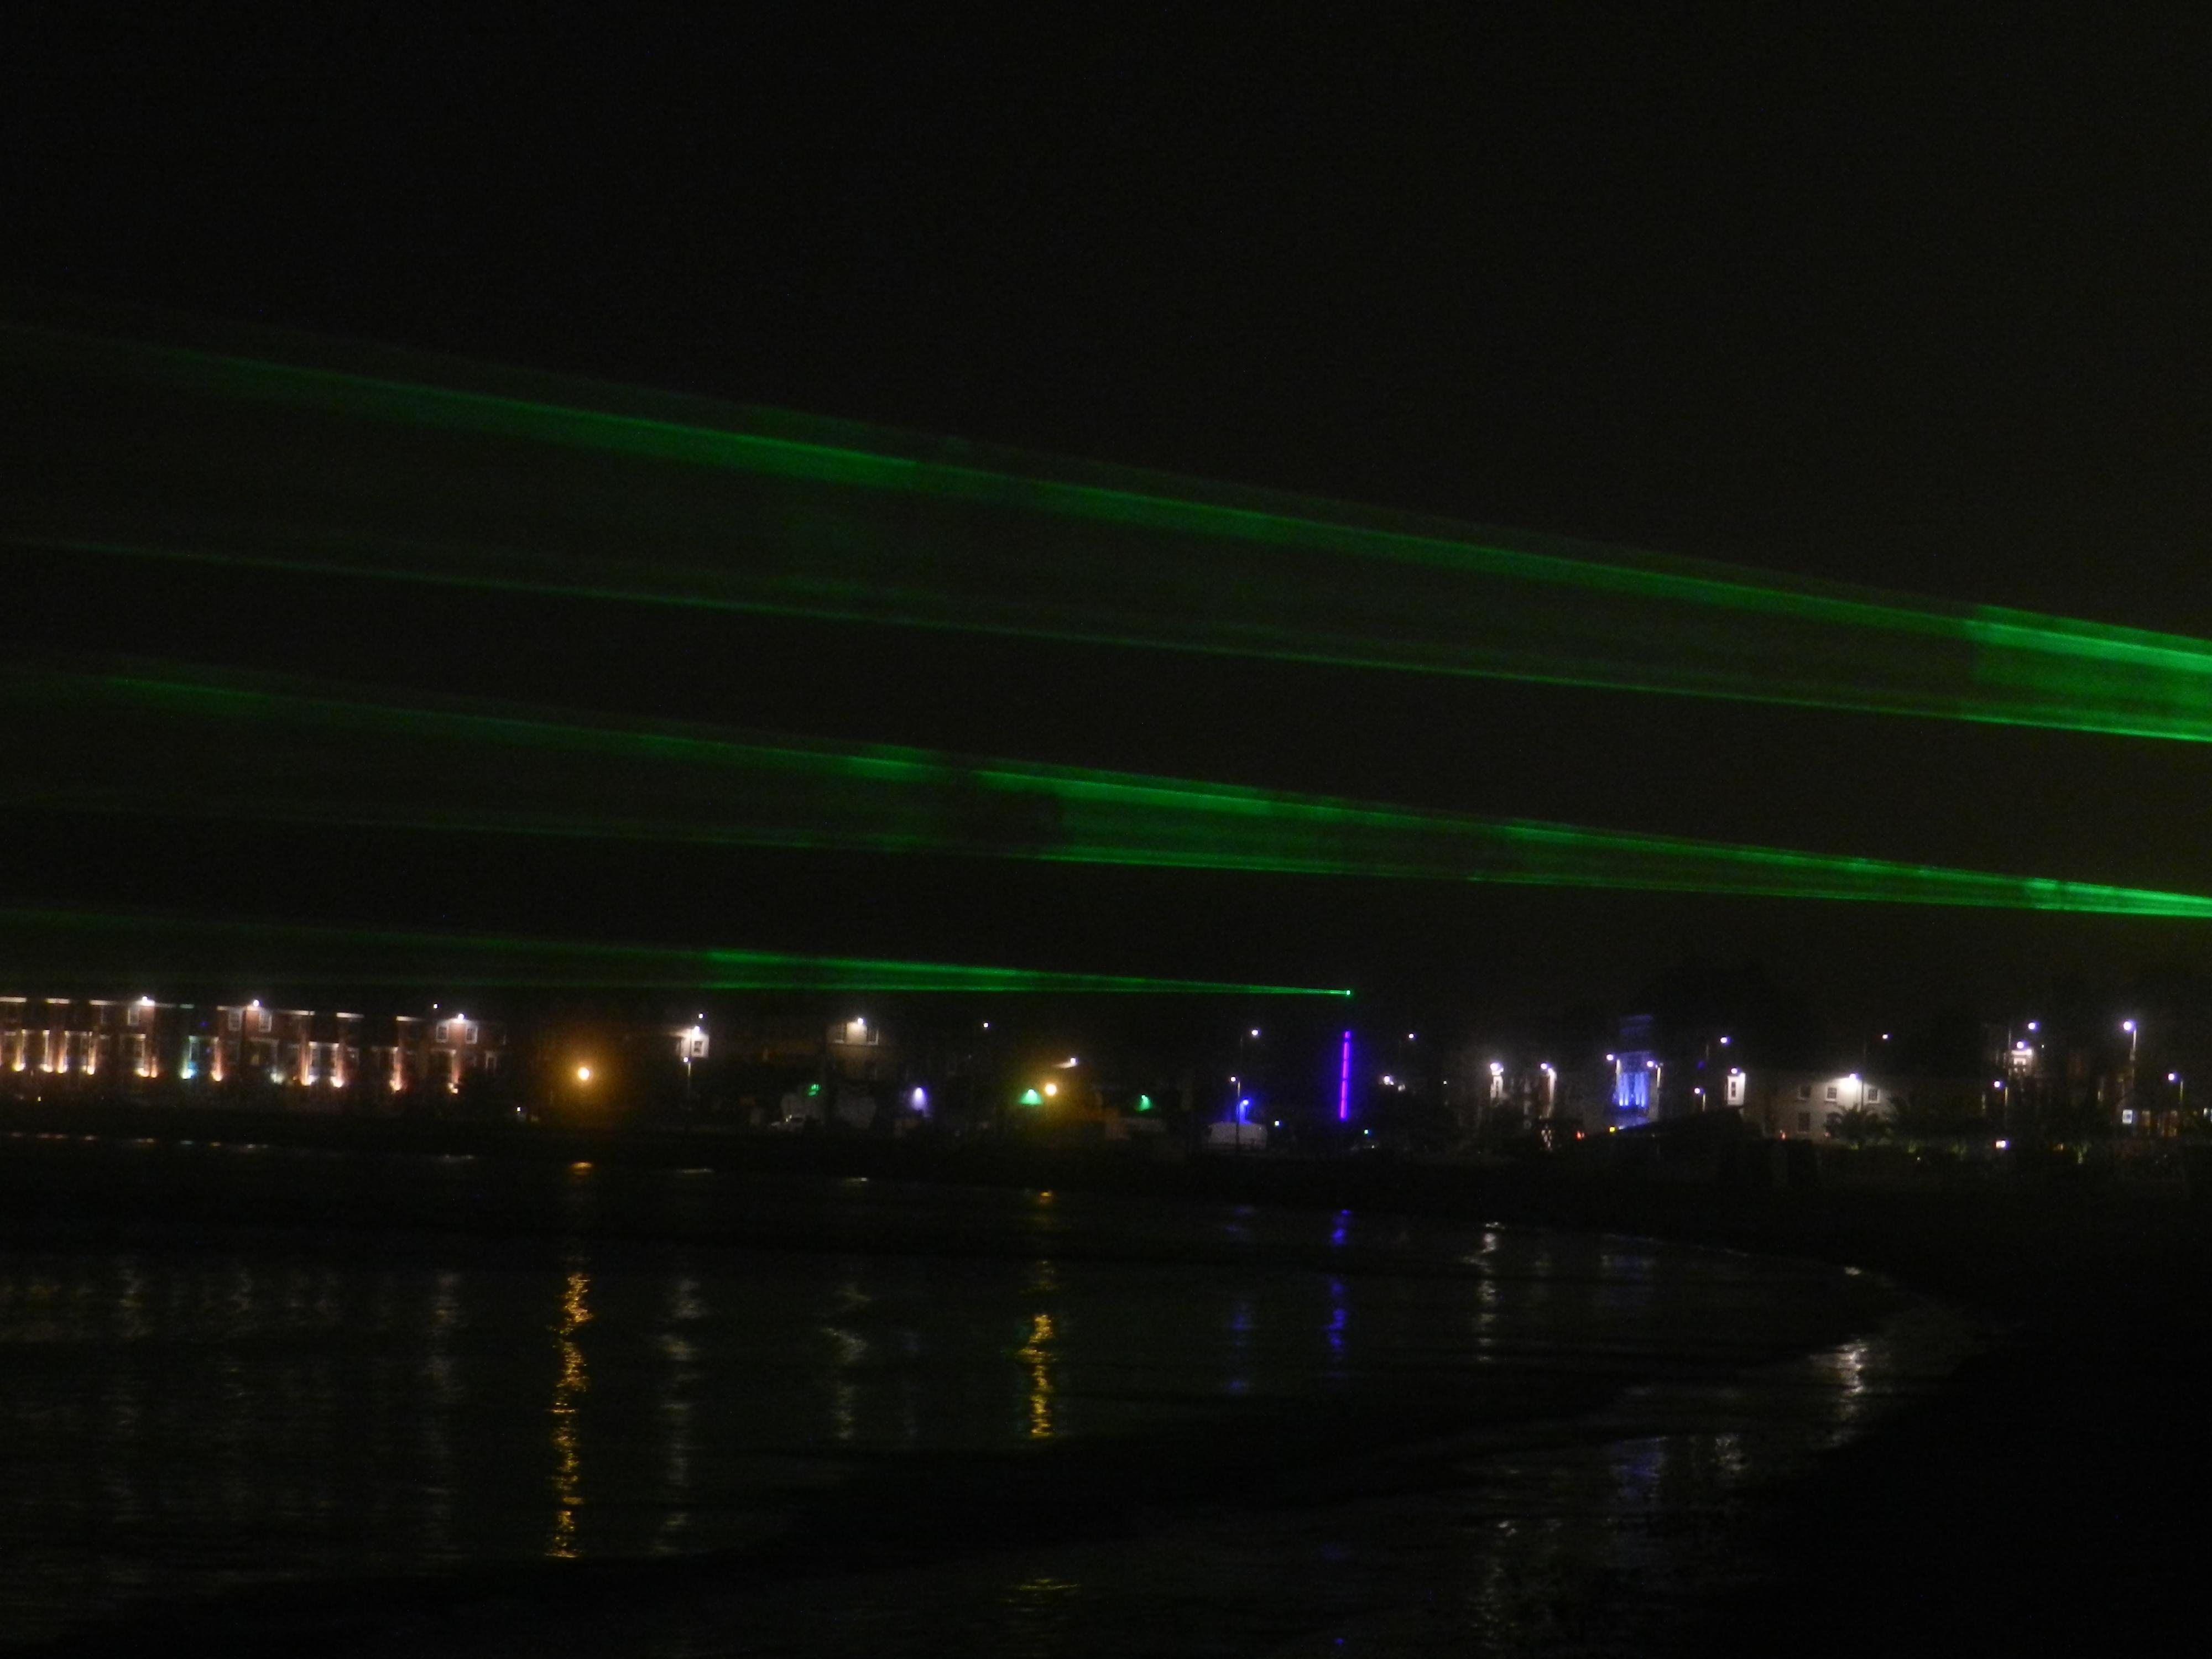 Lasers_Fog_034